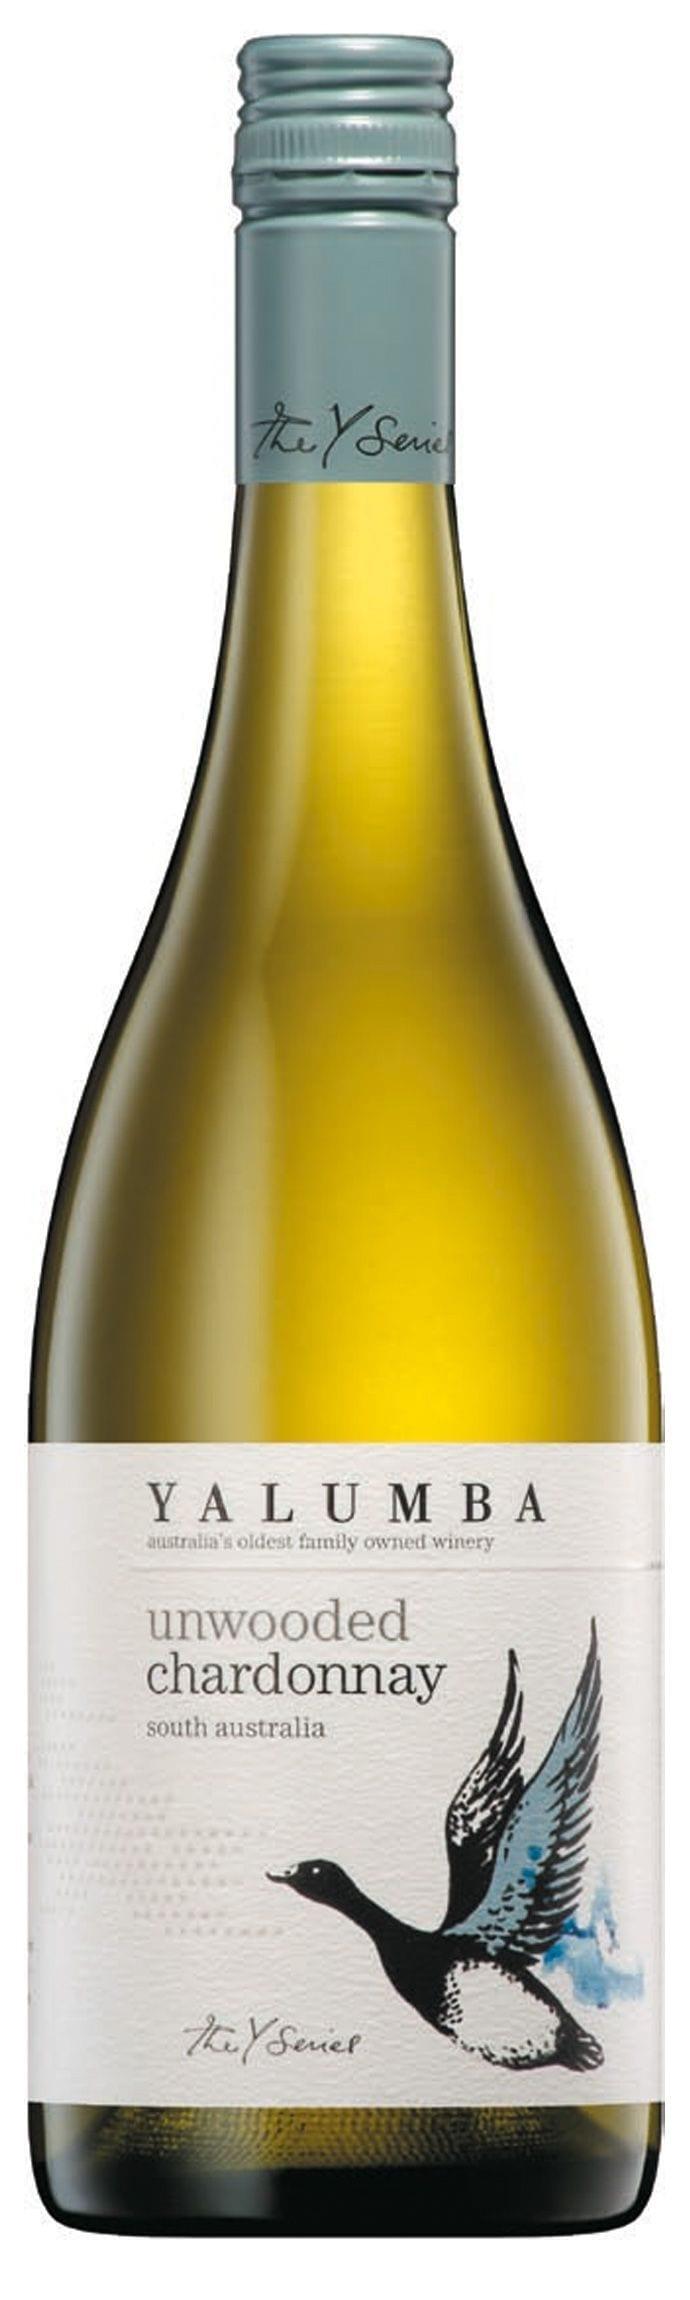 Yalumba The Y Series Unwooded Chardonnay 2017